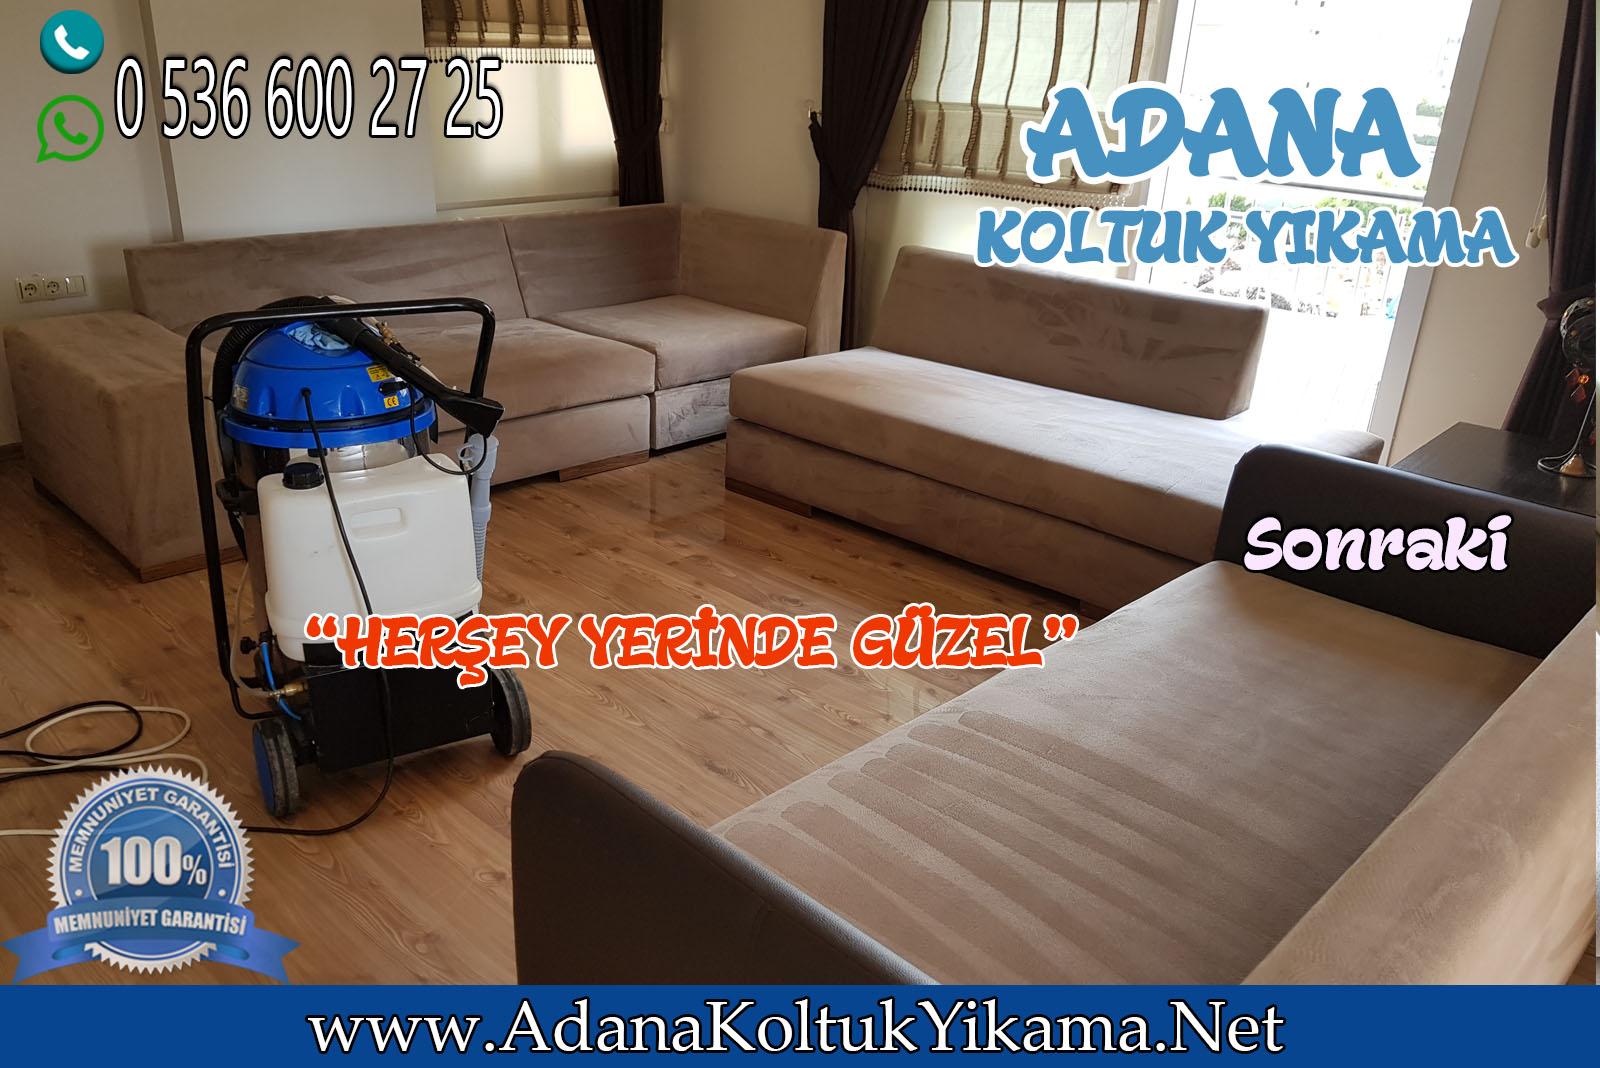 Adana Koltuk Yıkama Pınar Mahallesinde